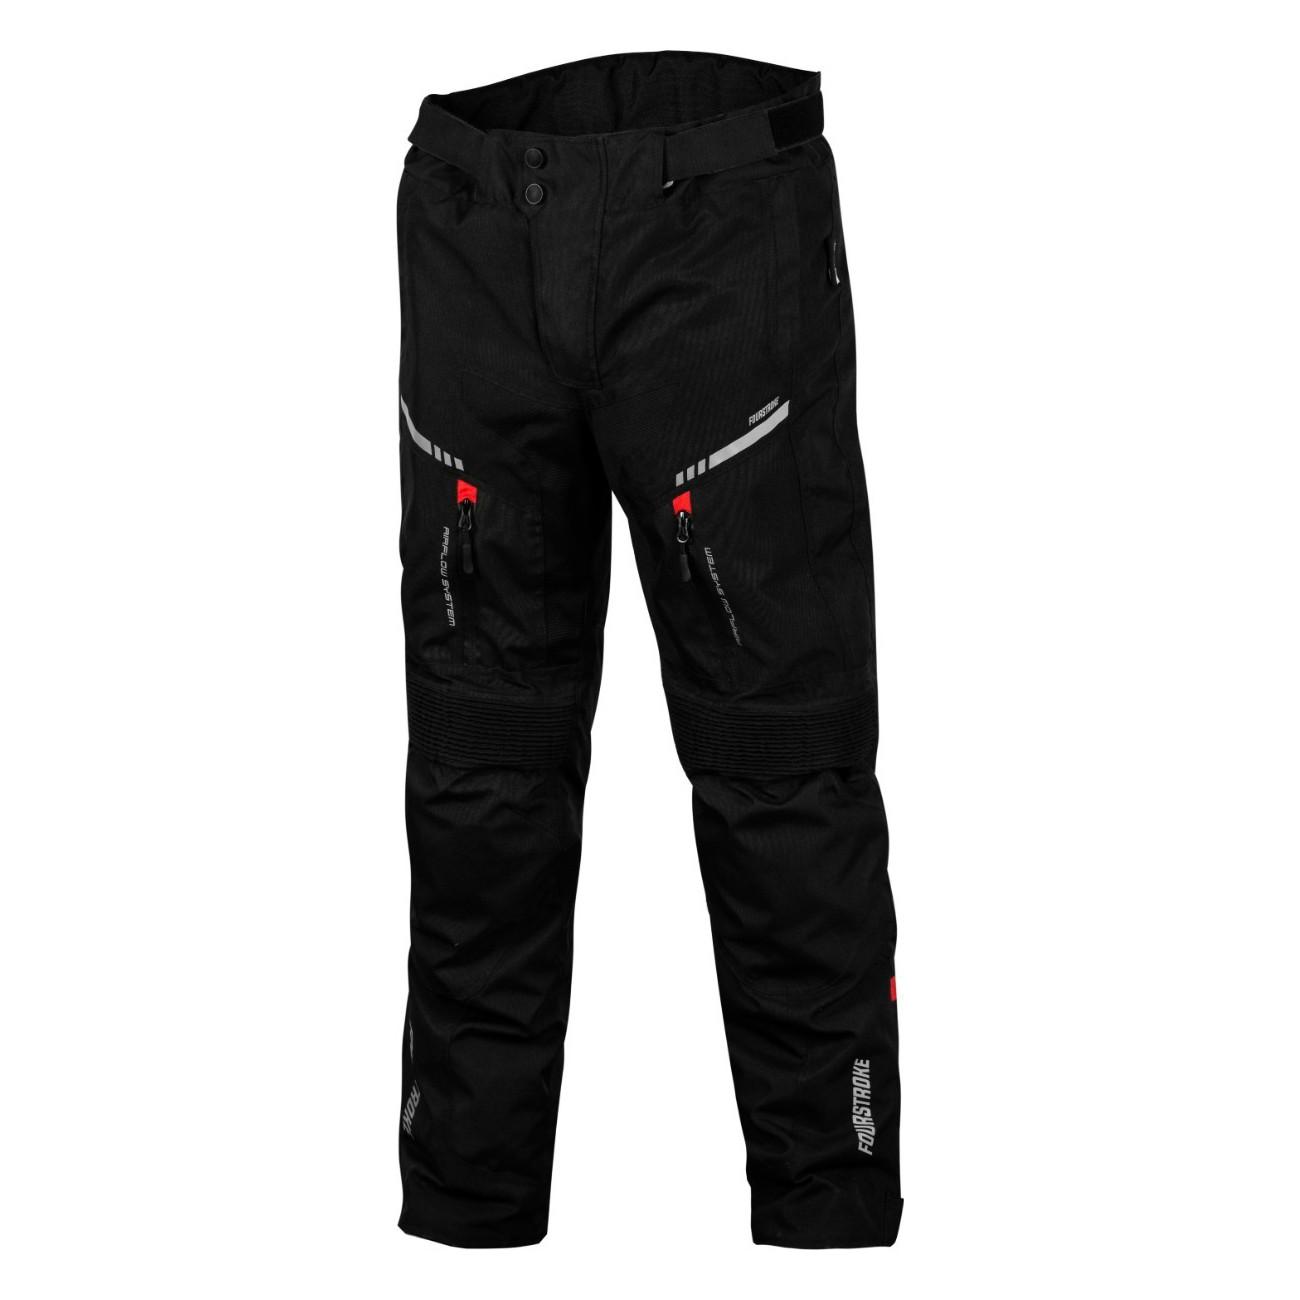 Pantalon de Cordura con Protecciones Fourstroke Warrior